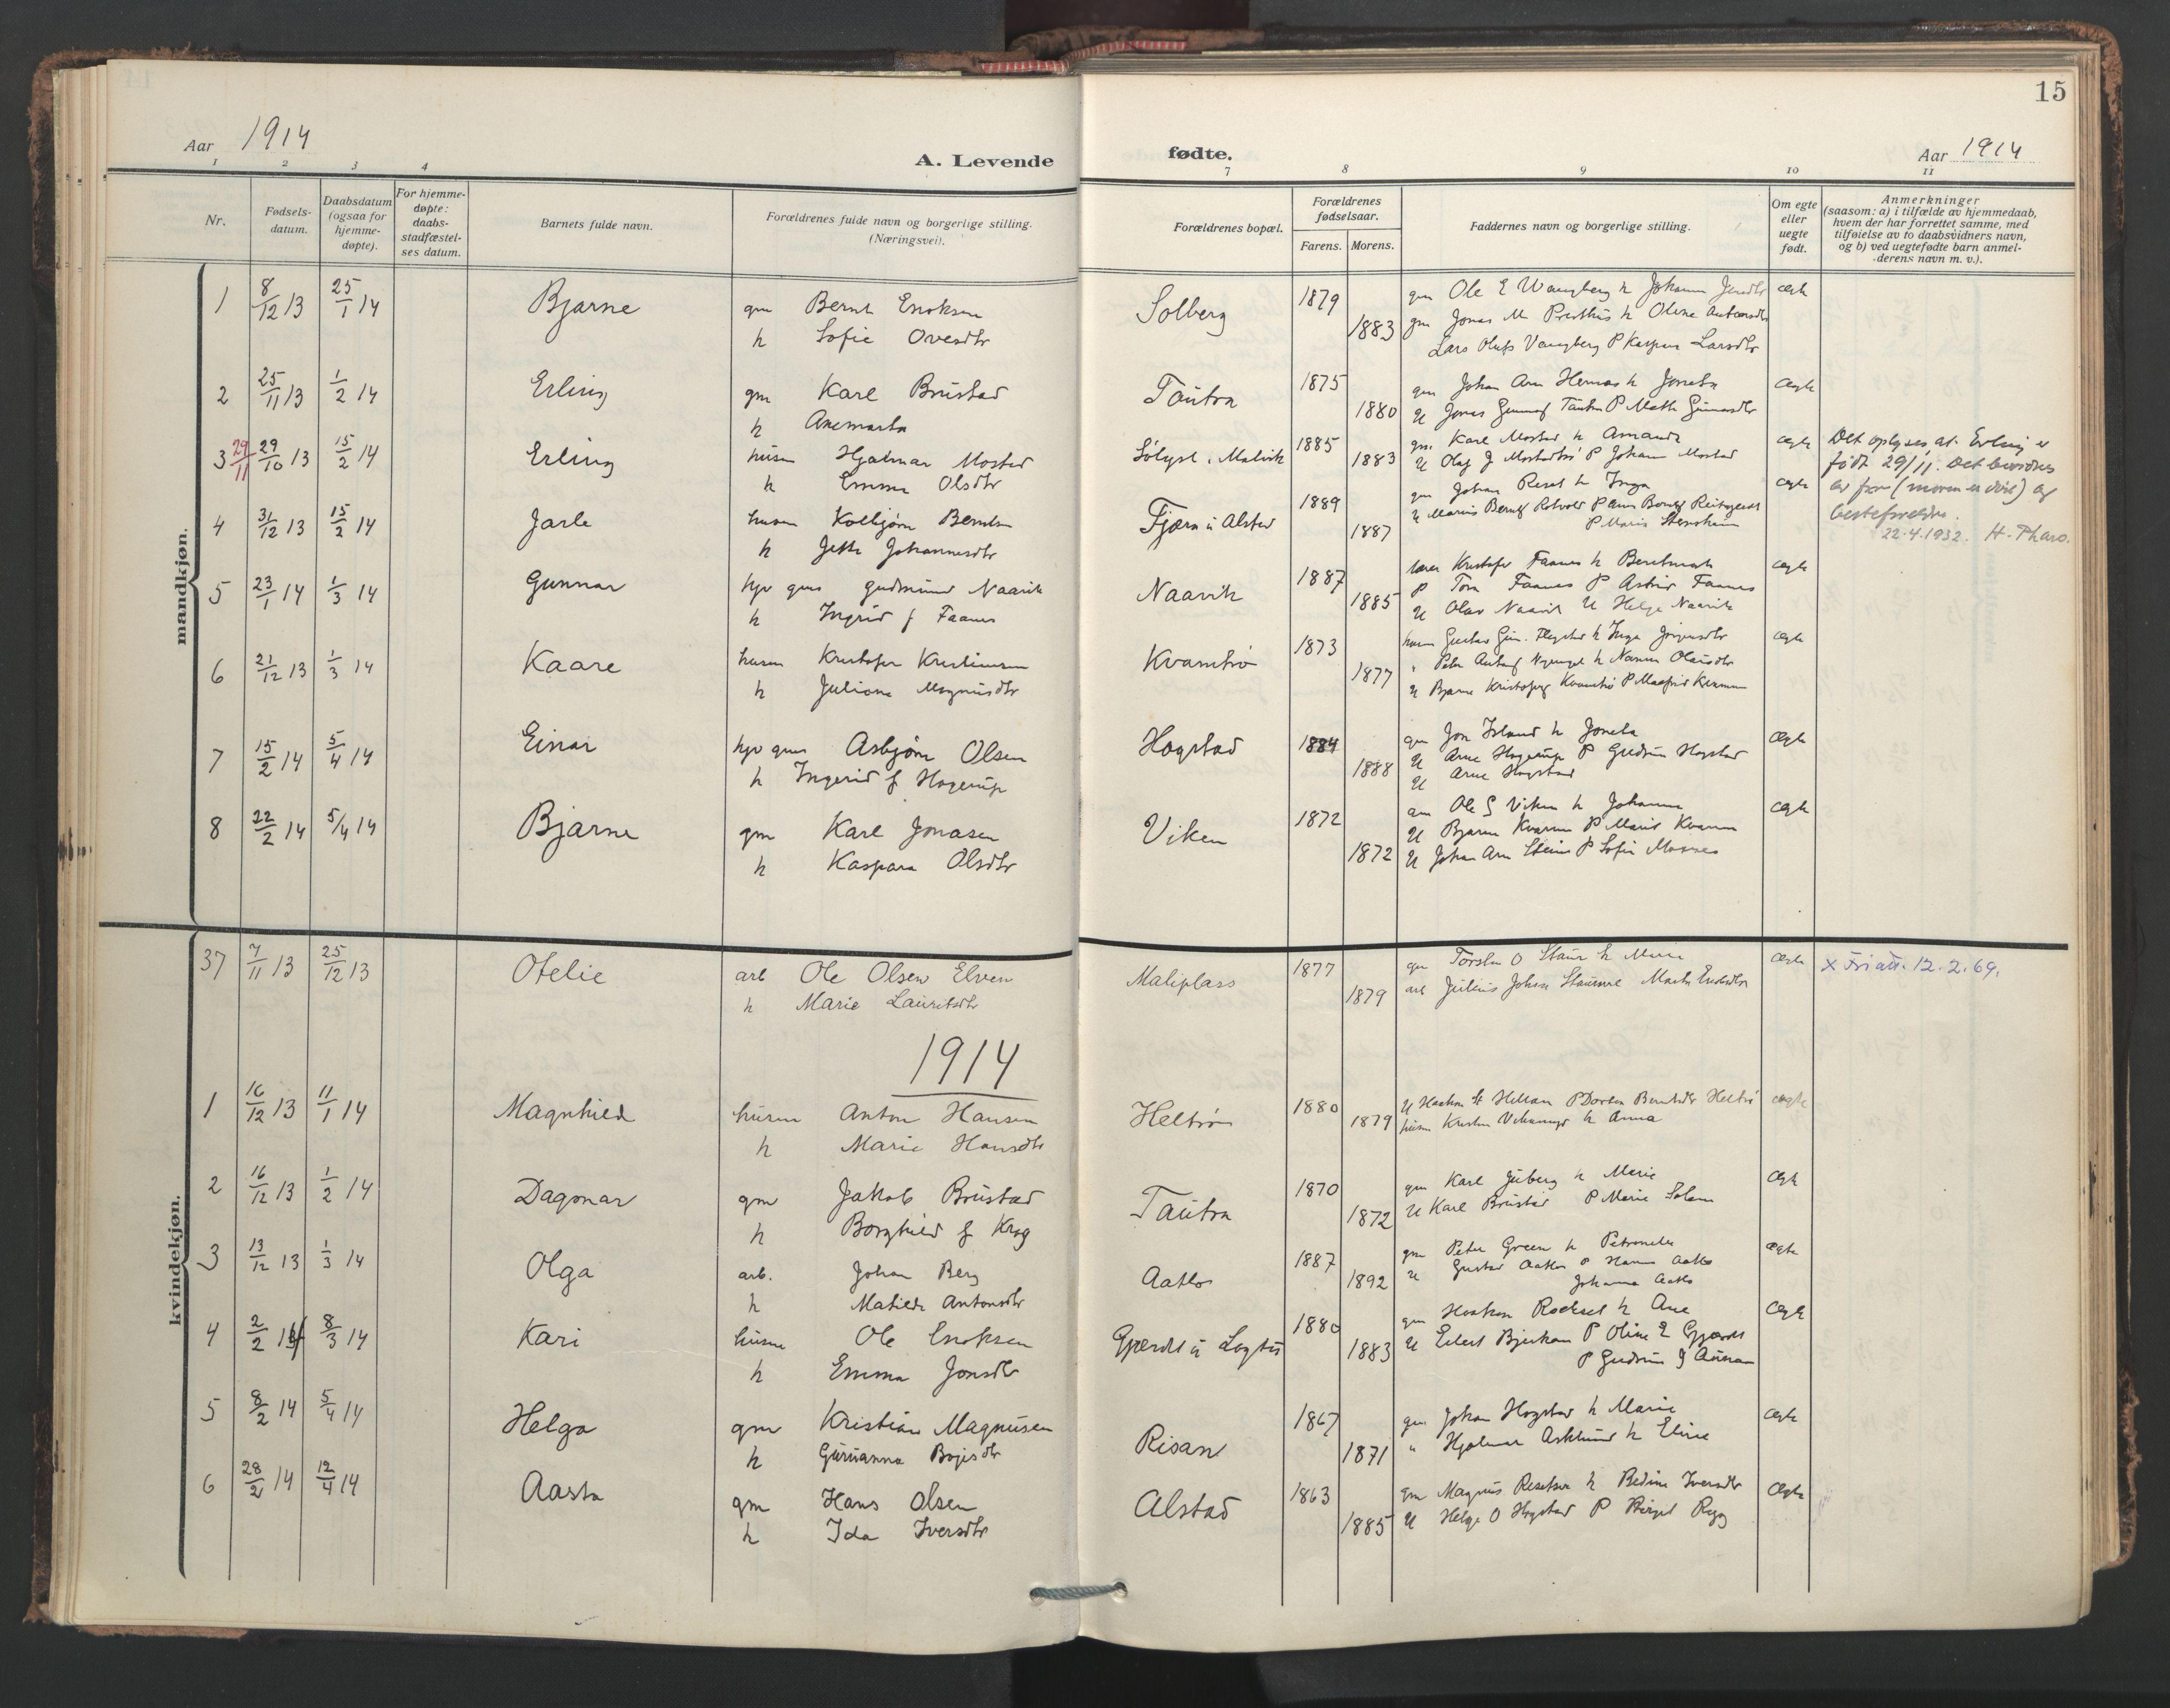 SAT, Ministerialprotokoller, klokkerbøker og fødselsregistre - Nord-Trøndelag, 713/L0123: Ministerialbok nr. 713A12, 1911-1925, s. 15